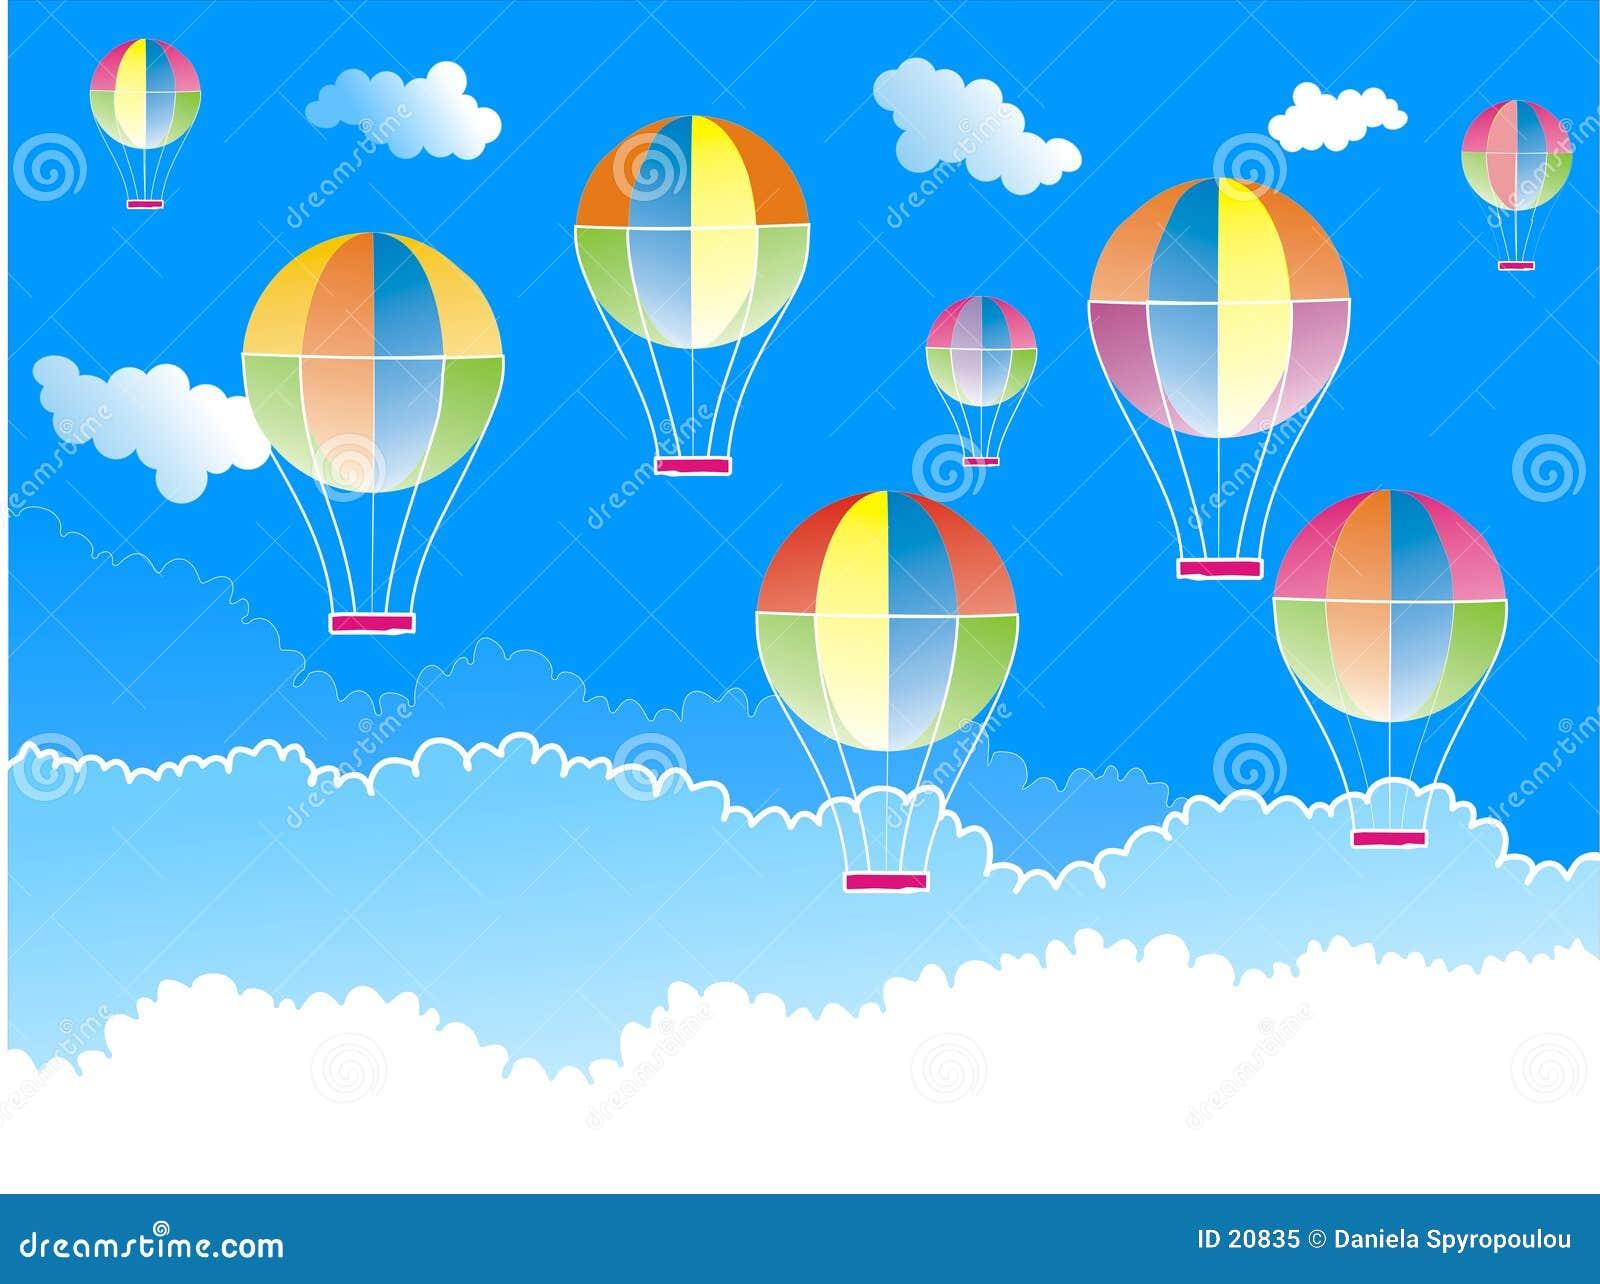 Download Aerostati di aria calda illustrazione di stock. Illustrazione di colorful - 20835